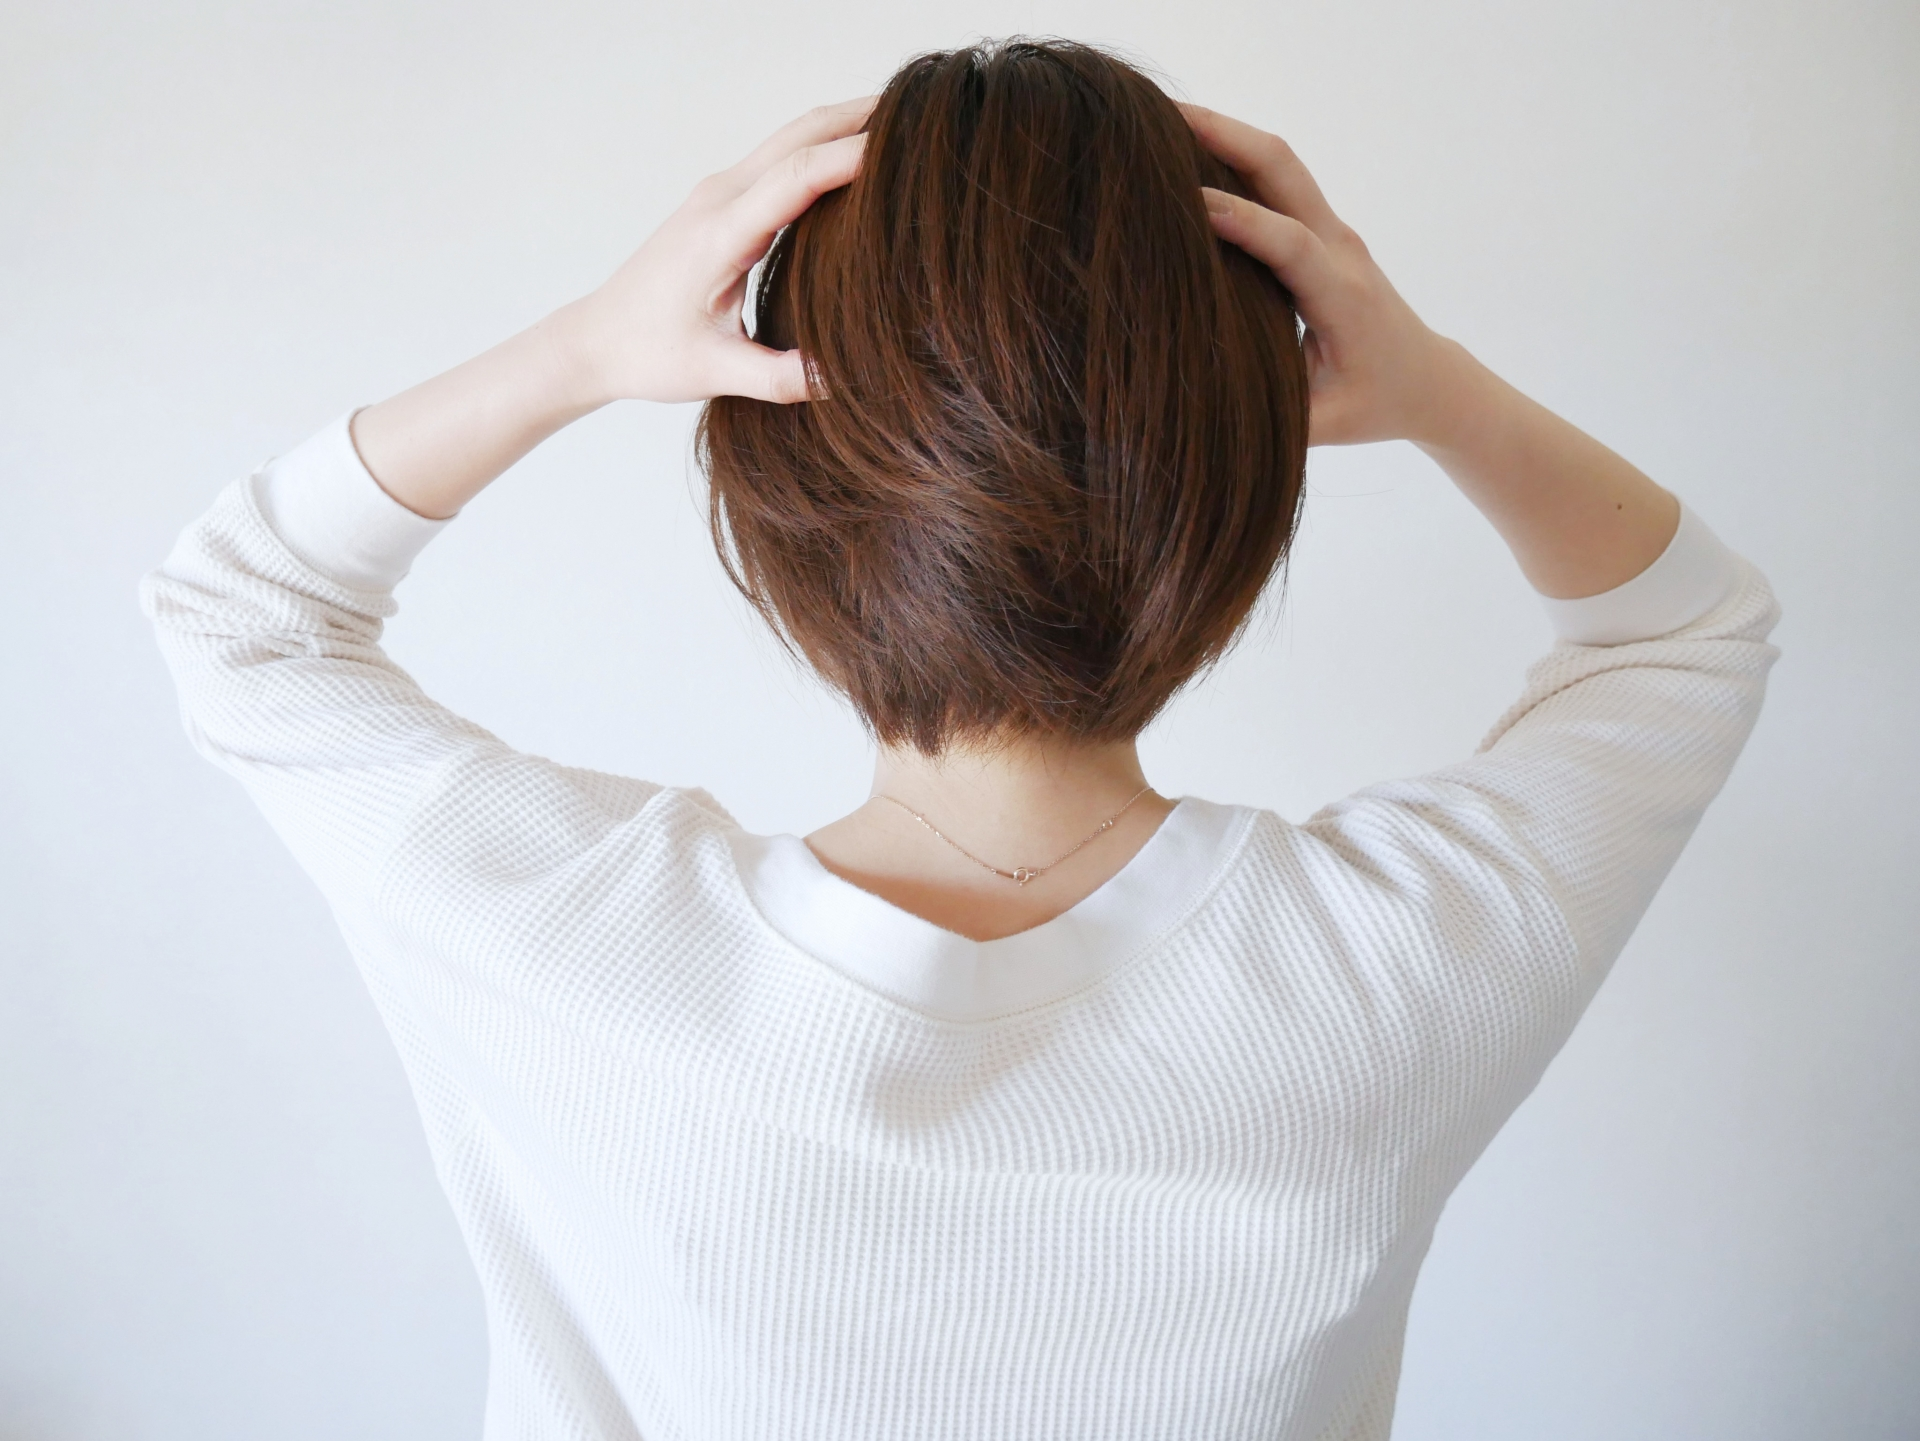 頭皮の痒みを気にする女性